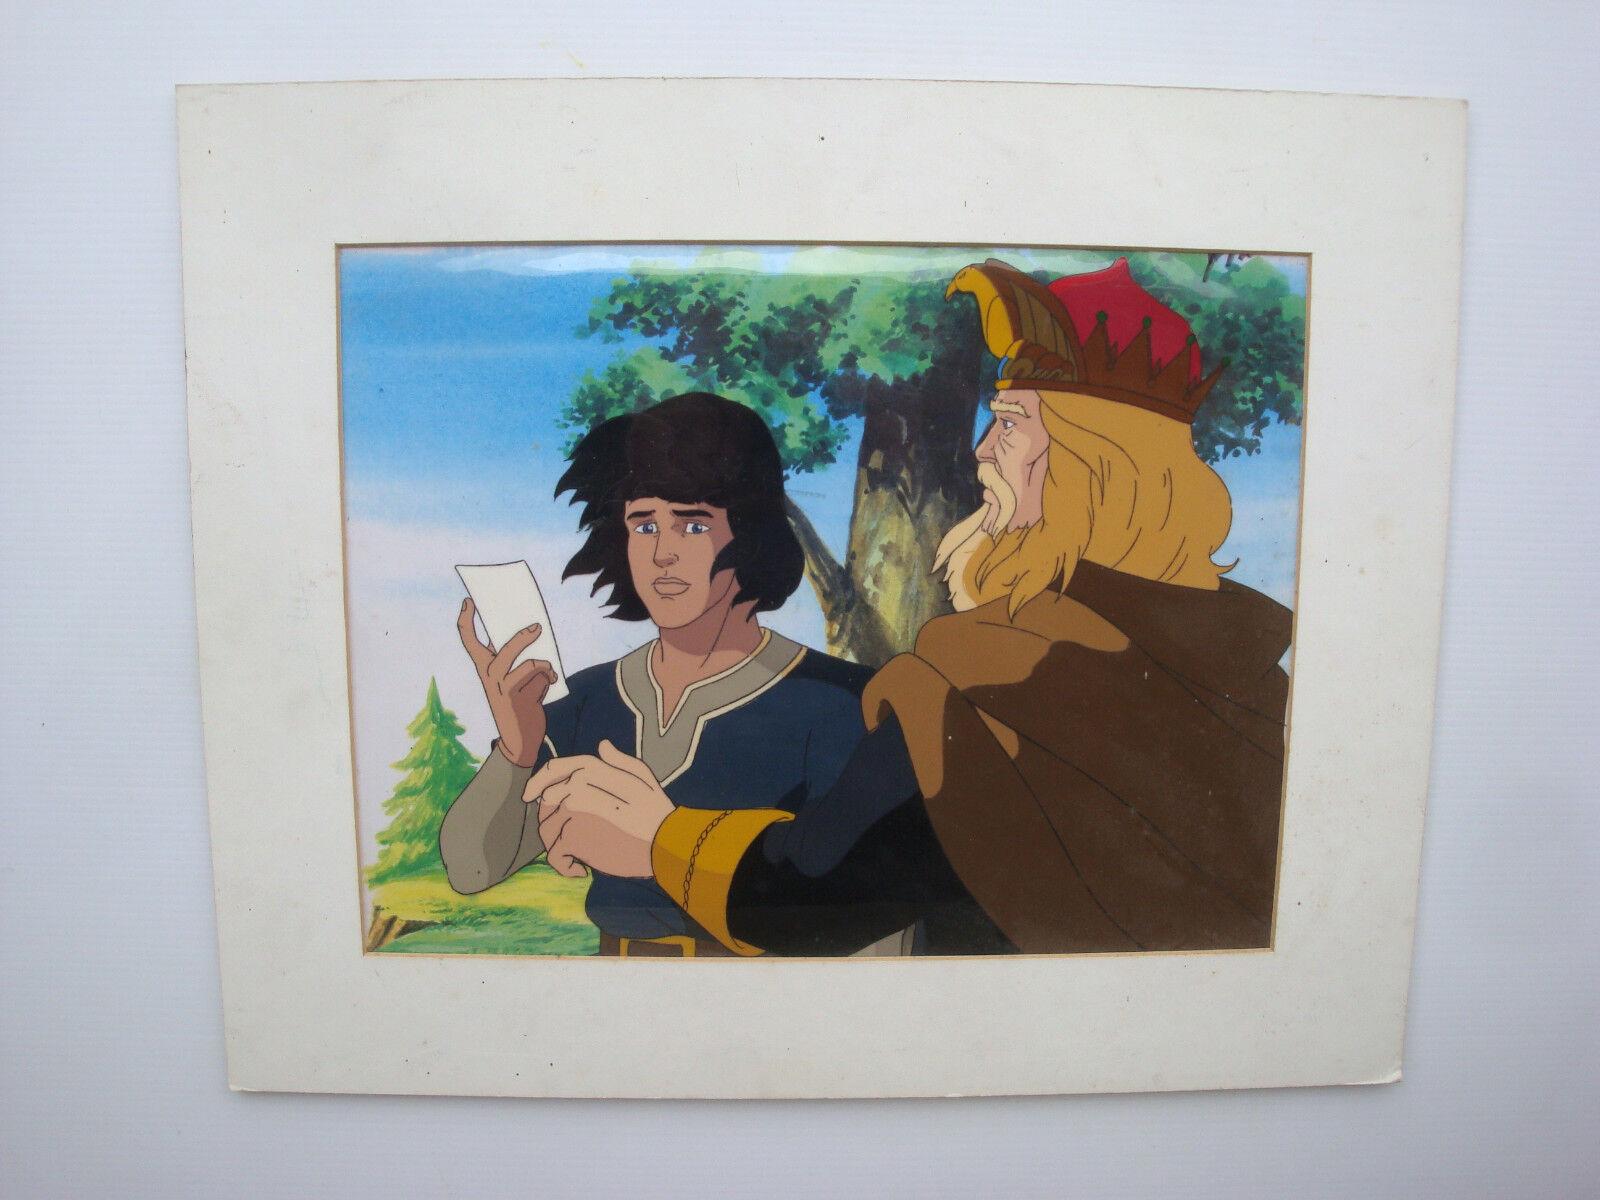 Cellulo dessin animé Prince vaillant épisode 7 original anime cel avec fond